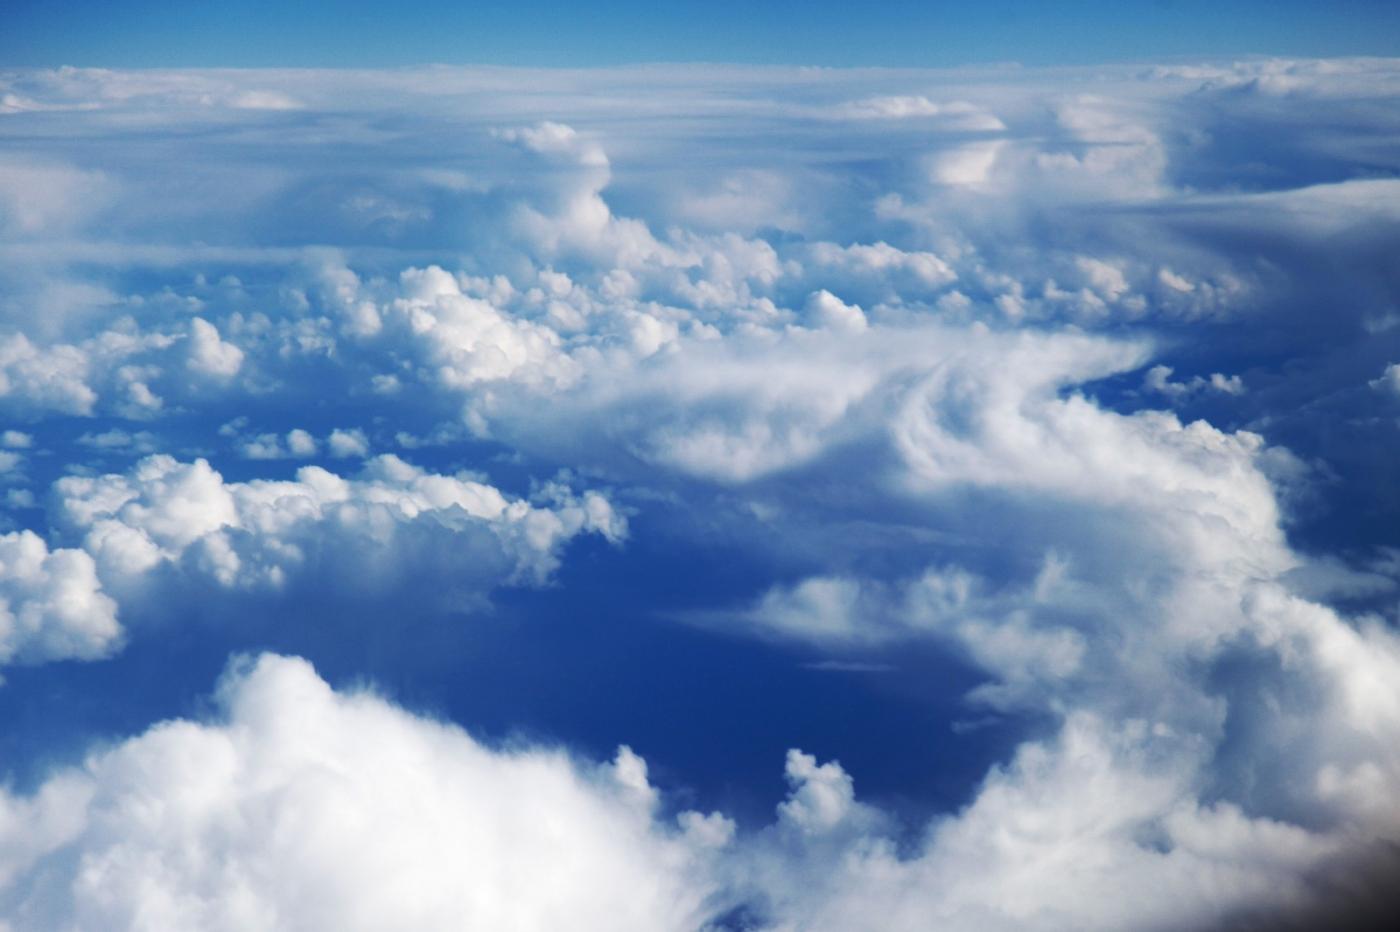 从纽约乘wow班机赴冰岛旅游,从班机的窗口看到:白云翻滚,赏心悦目,堪比黄山之云海 ..._图1-1